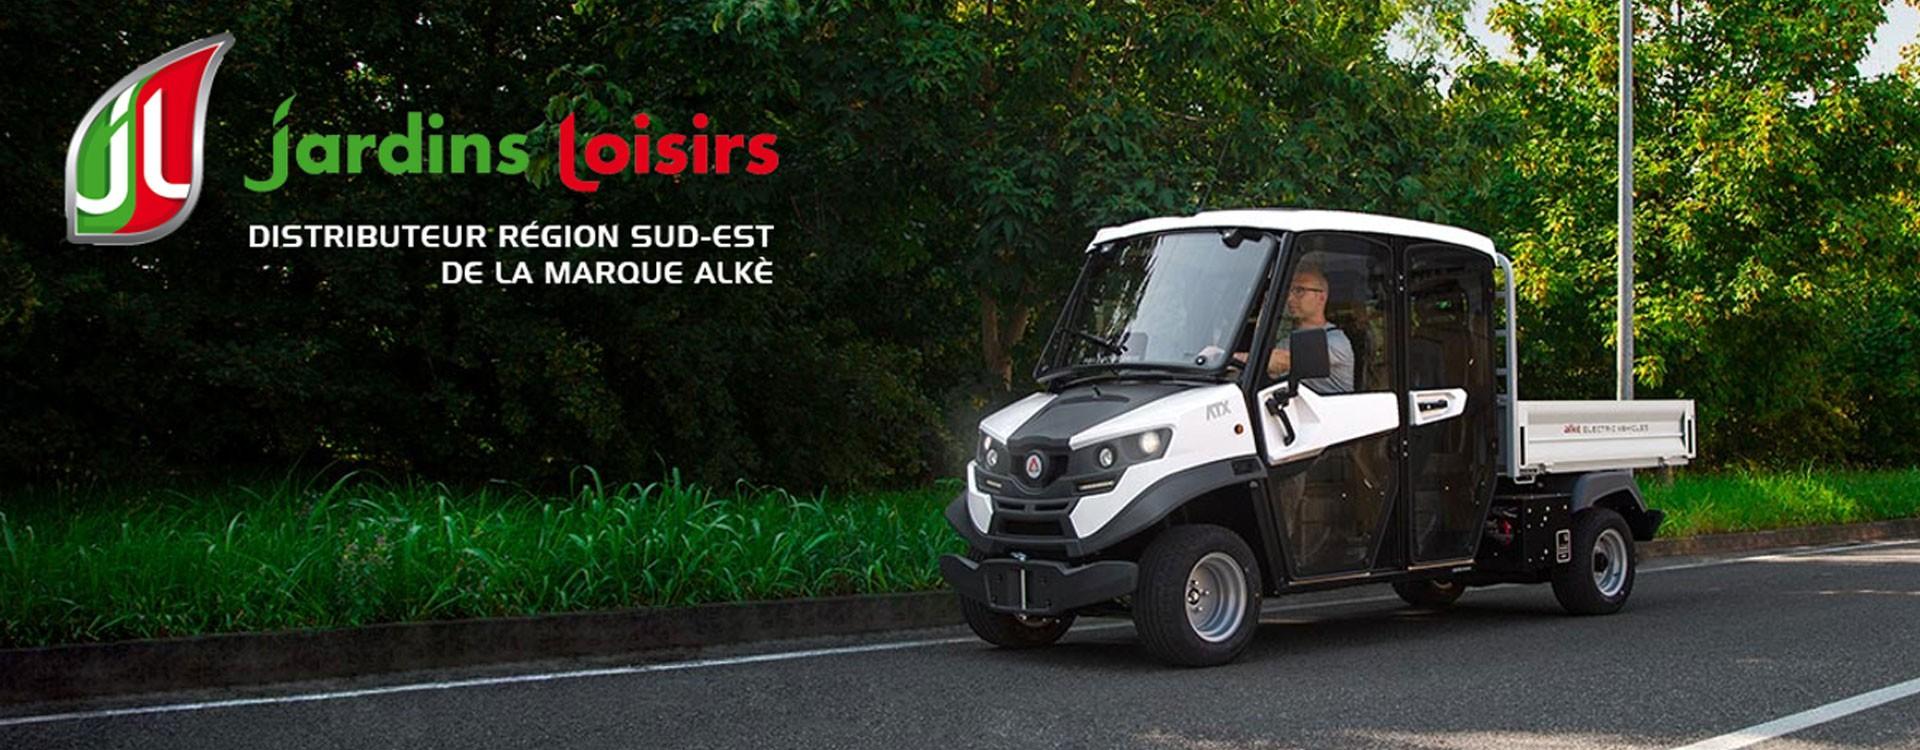 Jardins Loisirs 69 devient distributeur des véhicules ALKE dans la région SUD EST